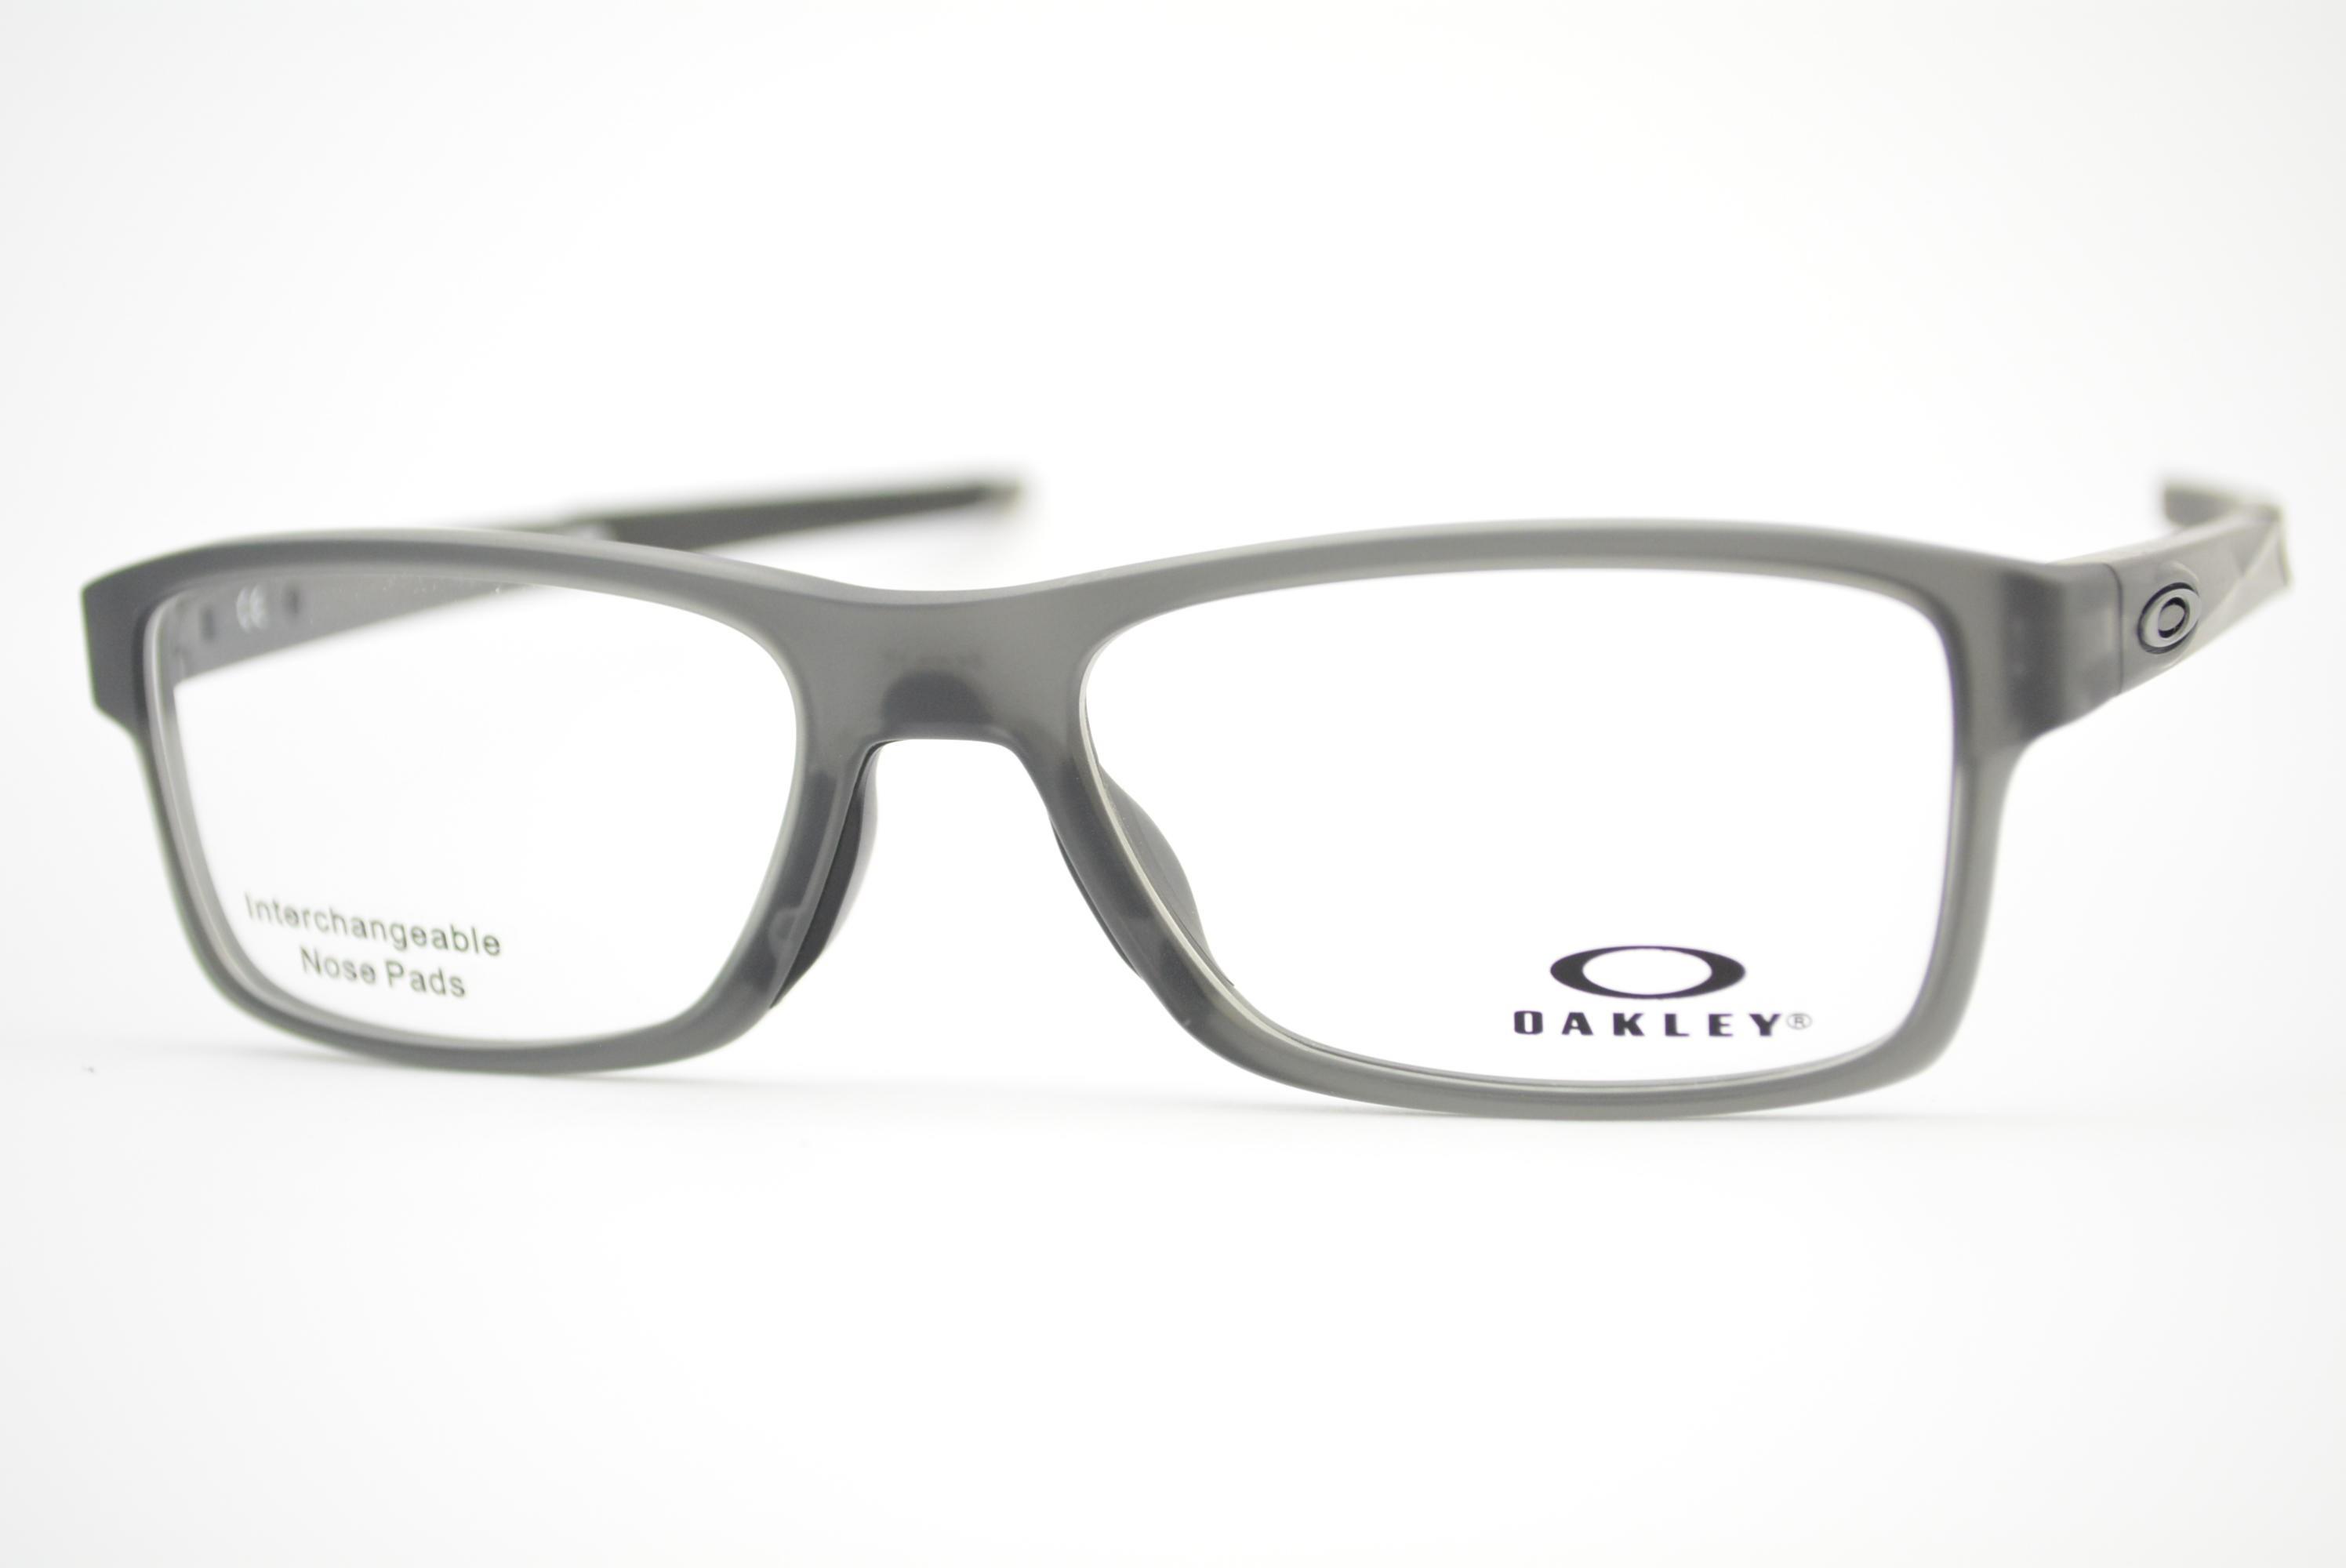 9ee65d96e9f4e armação de óculos Oakley mod Chamfer MNP ox8089-0354 Ótica Cardoso